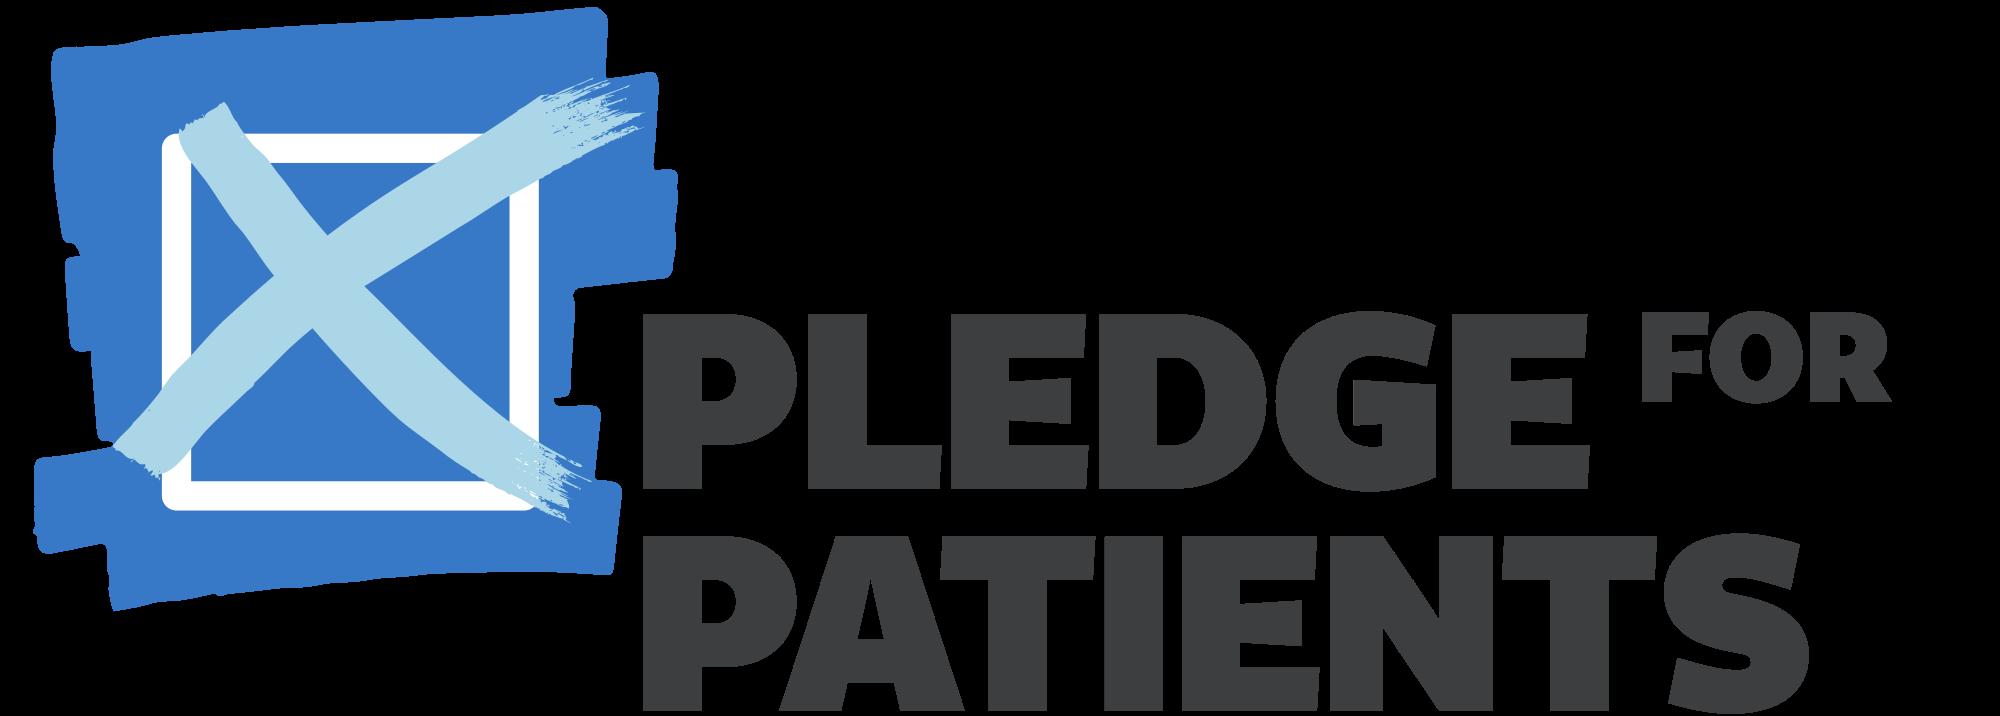 Pledge for Patients – What's next?